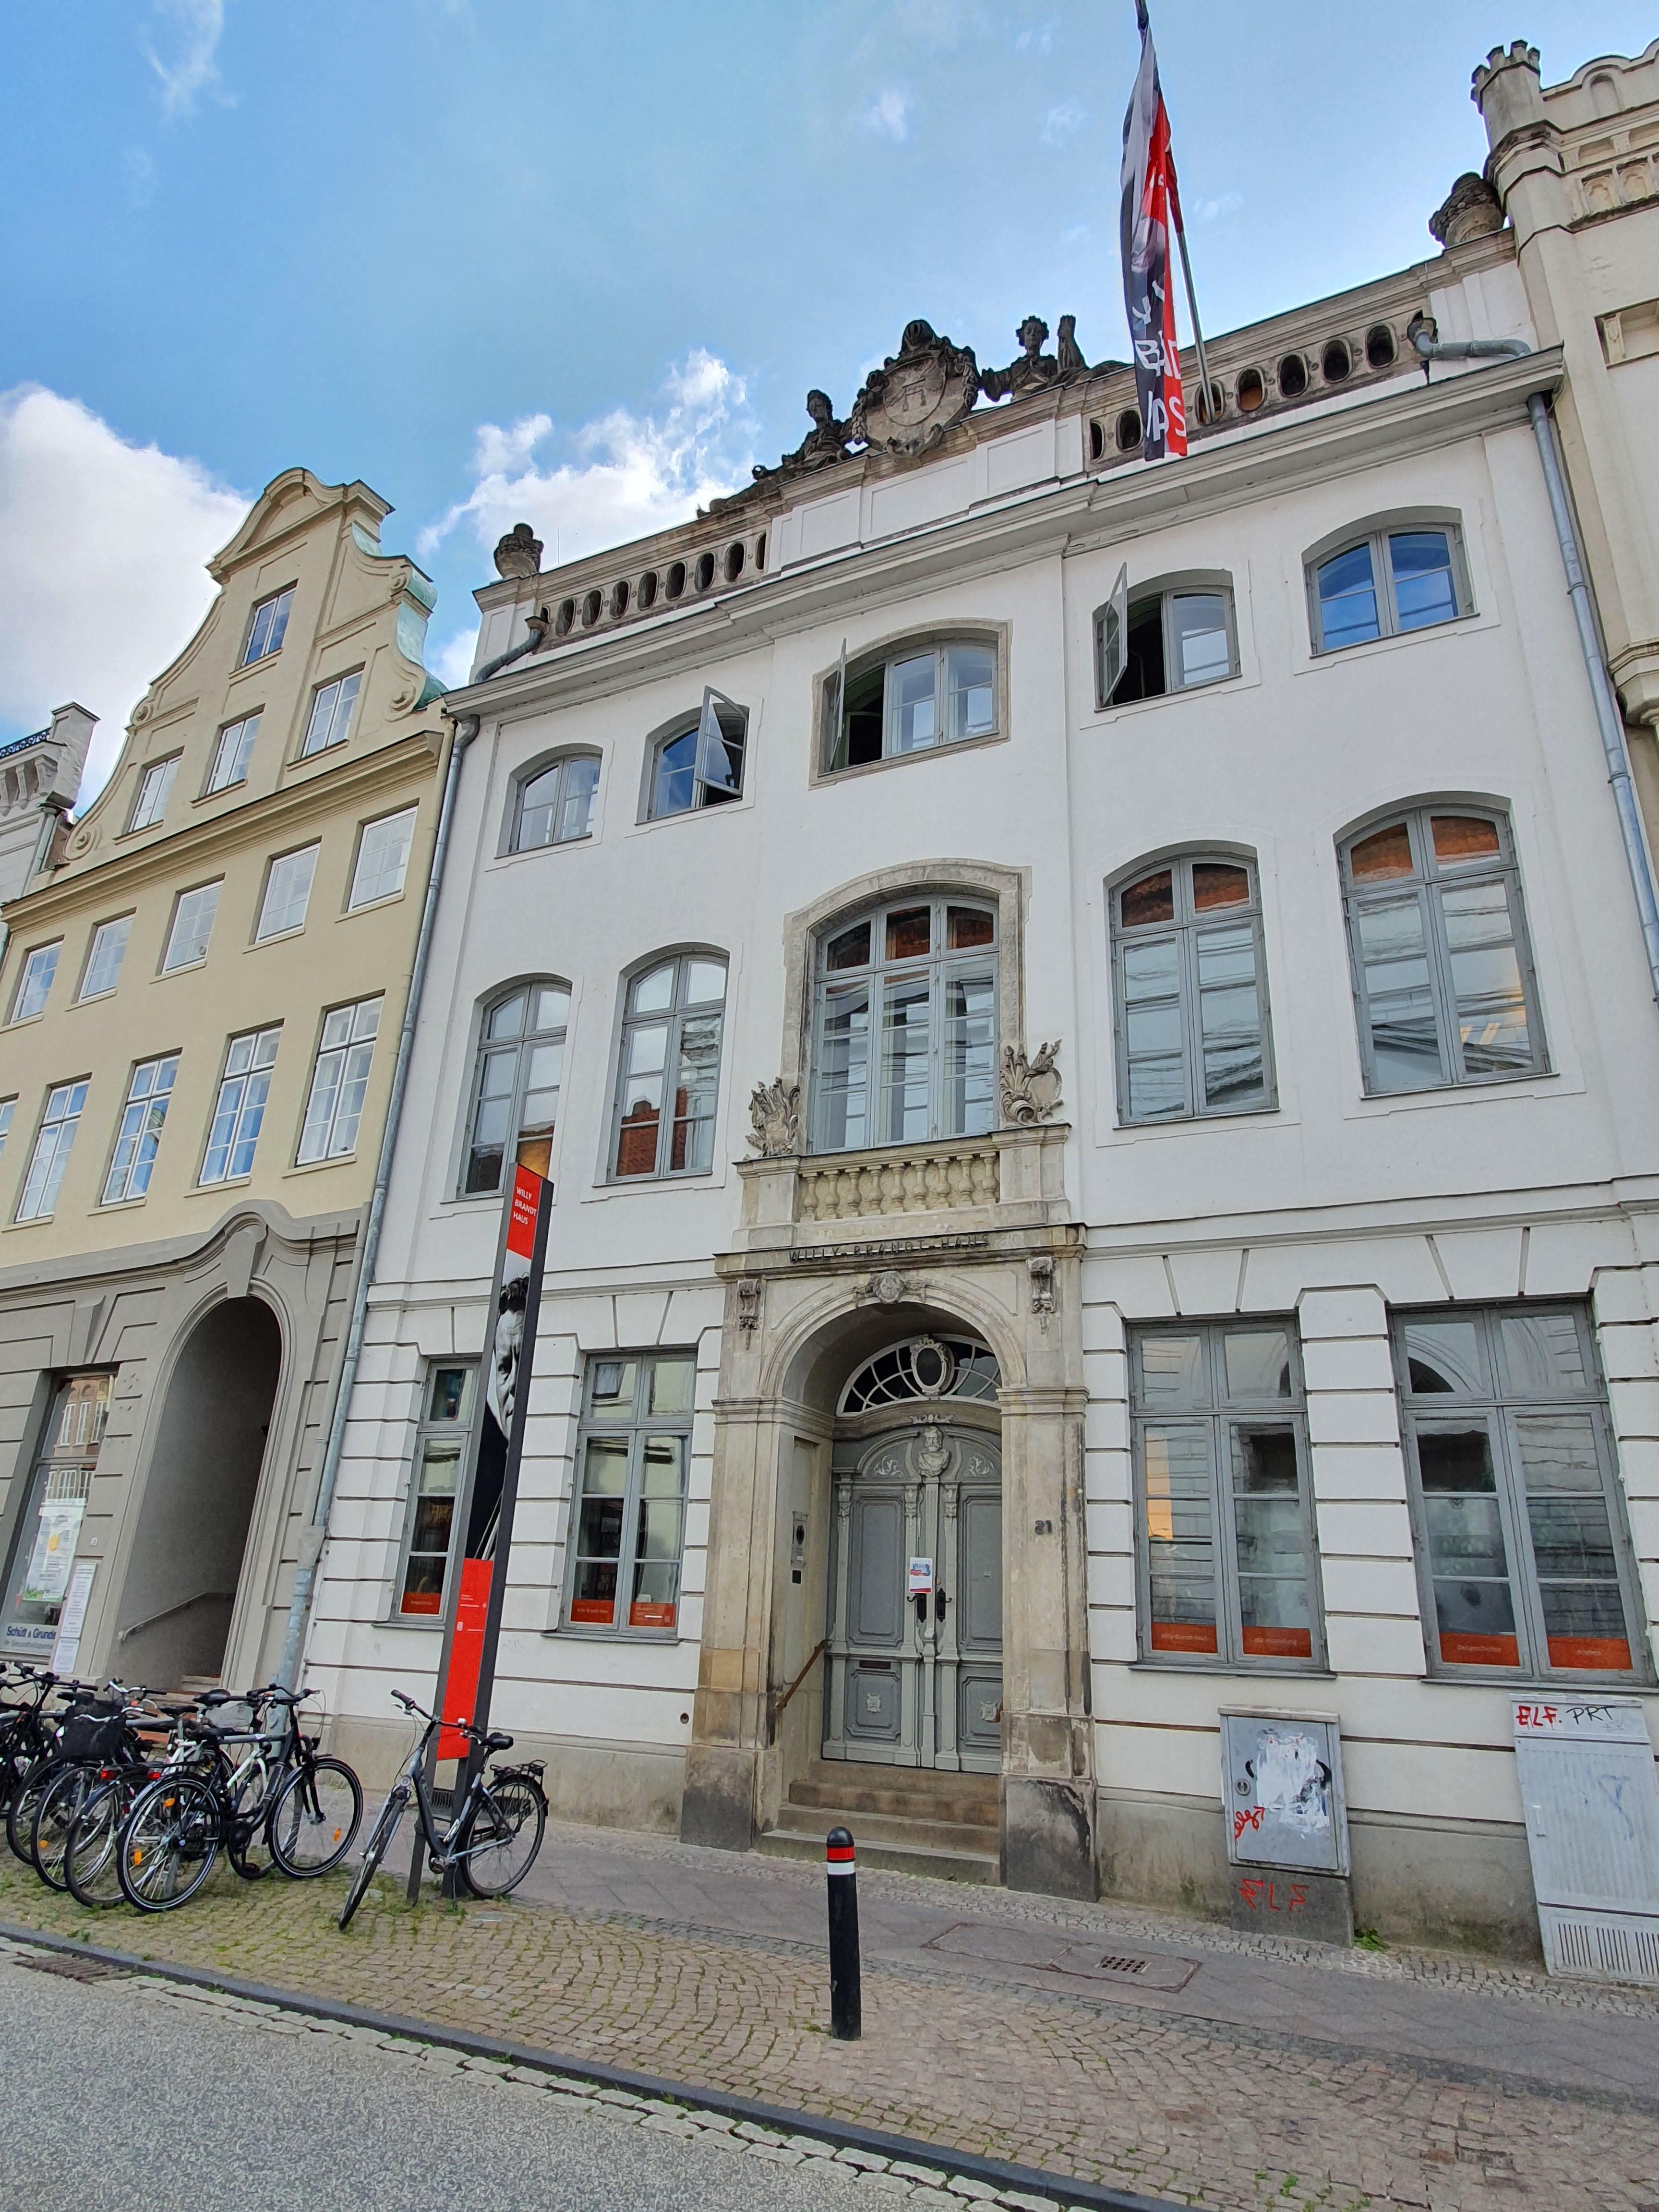 Lübeck - Altstadt und Willy-Brandt-Geburtshaus